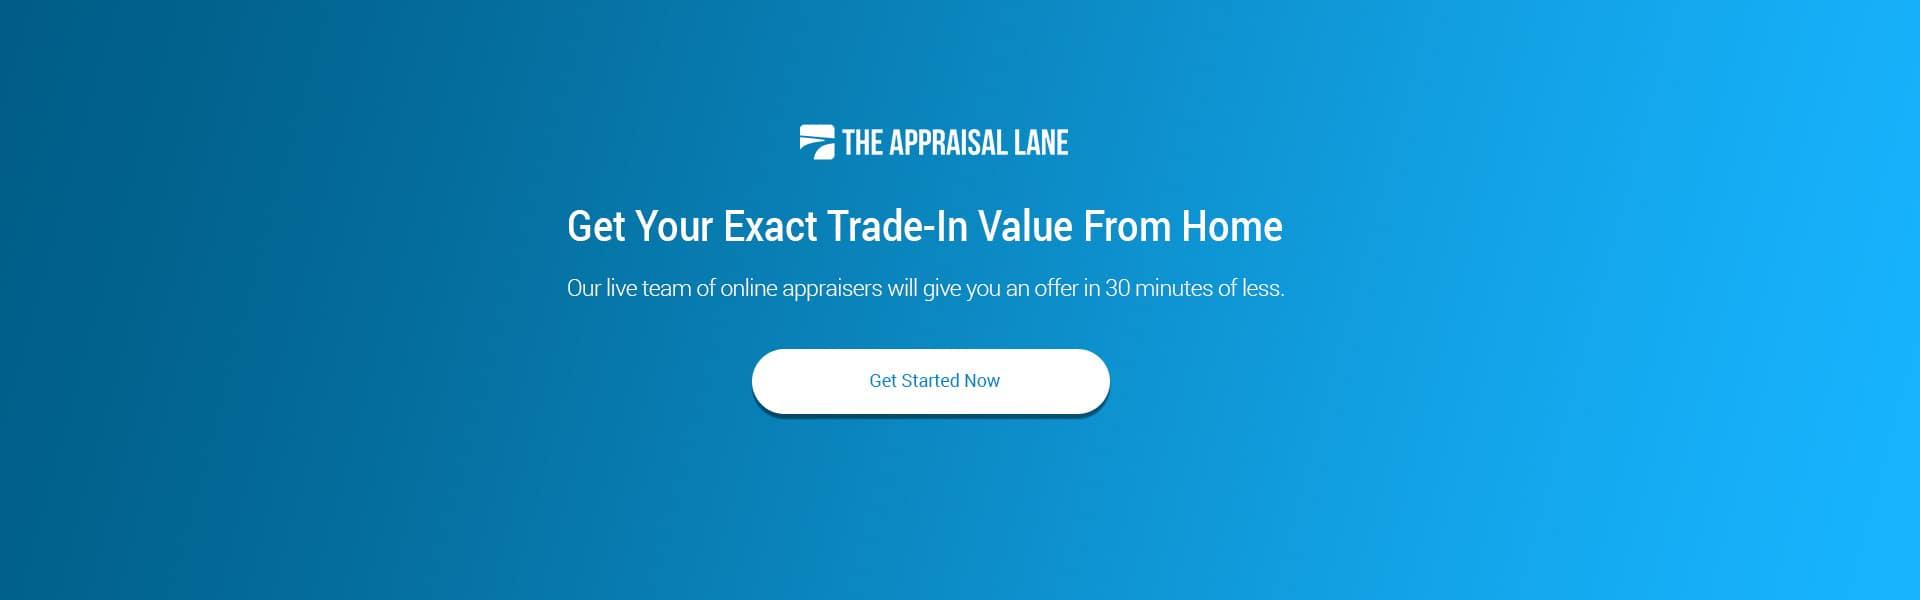 Appraisal Lane